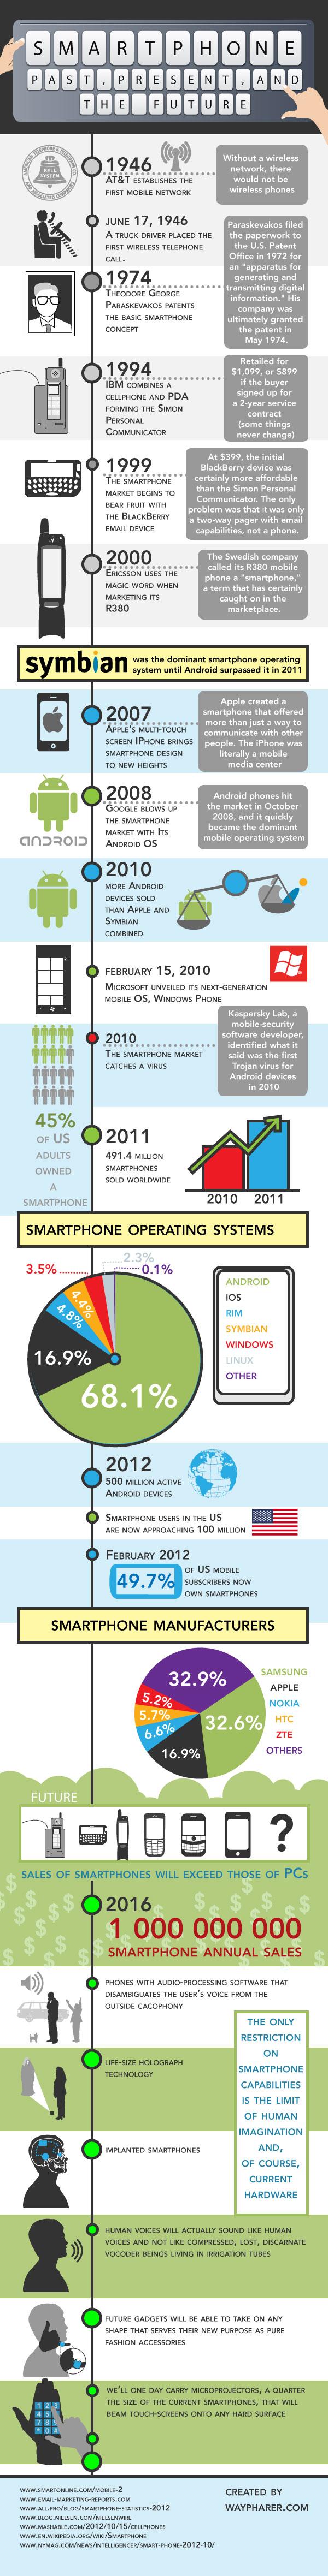 smartphones-past-future-infographic-lowres